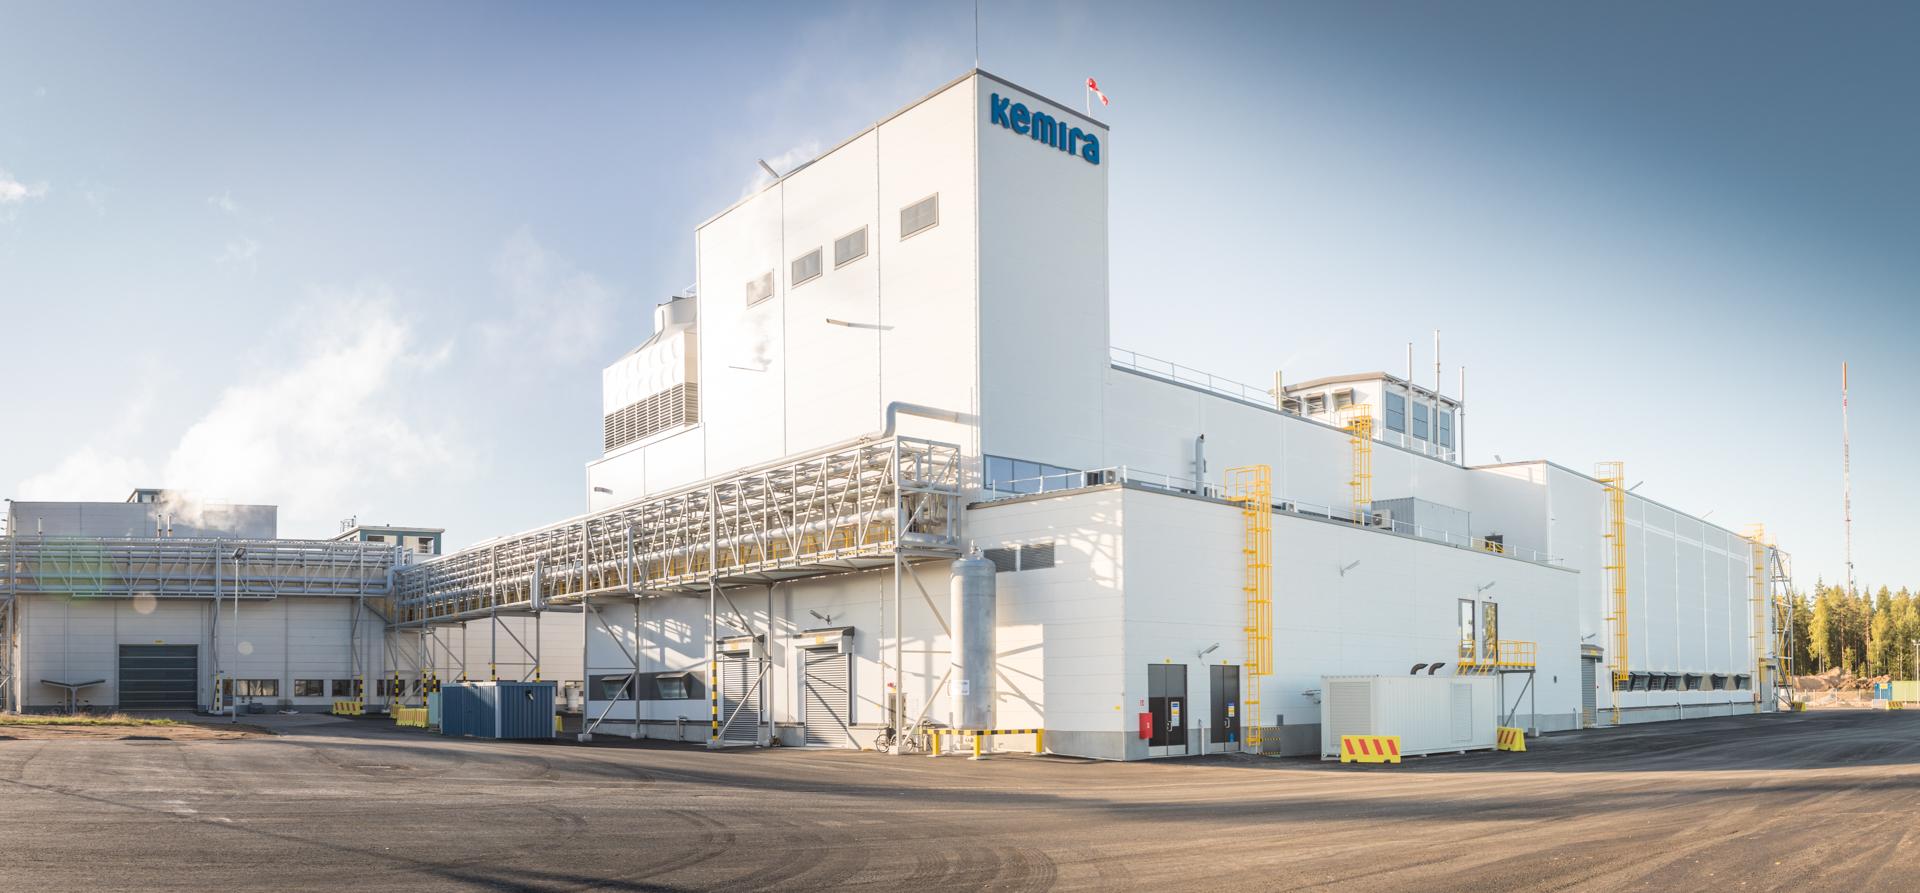 Valmet toimittaa Kemira Chemicals Oy:lle energianhallintaratkaisun optimoimaan valkaisukemikaalien tuotantoa ja energiankulutusta Äetsän ja Joutsenon tehtailla.